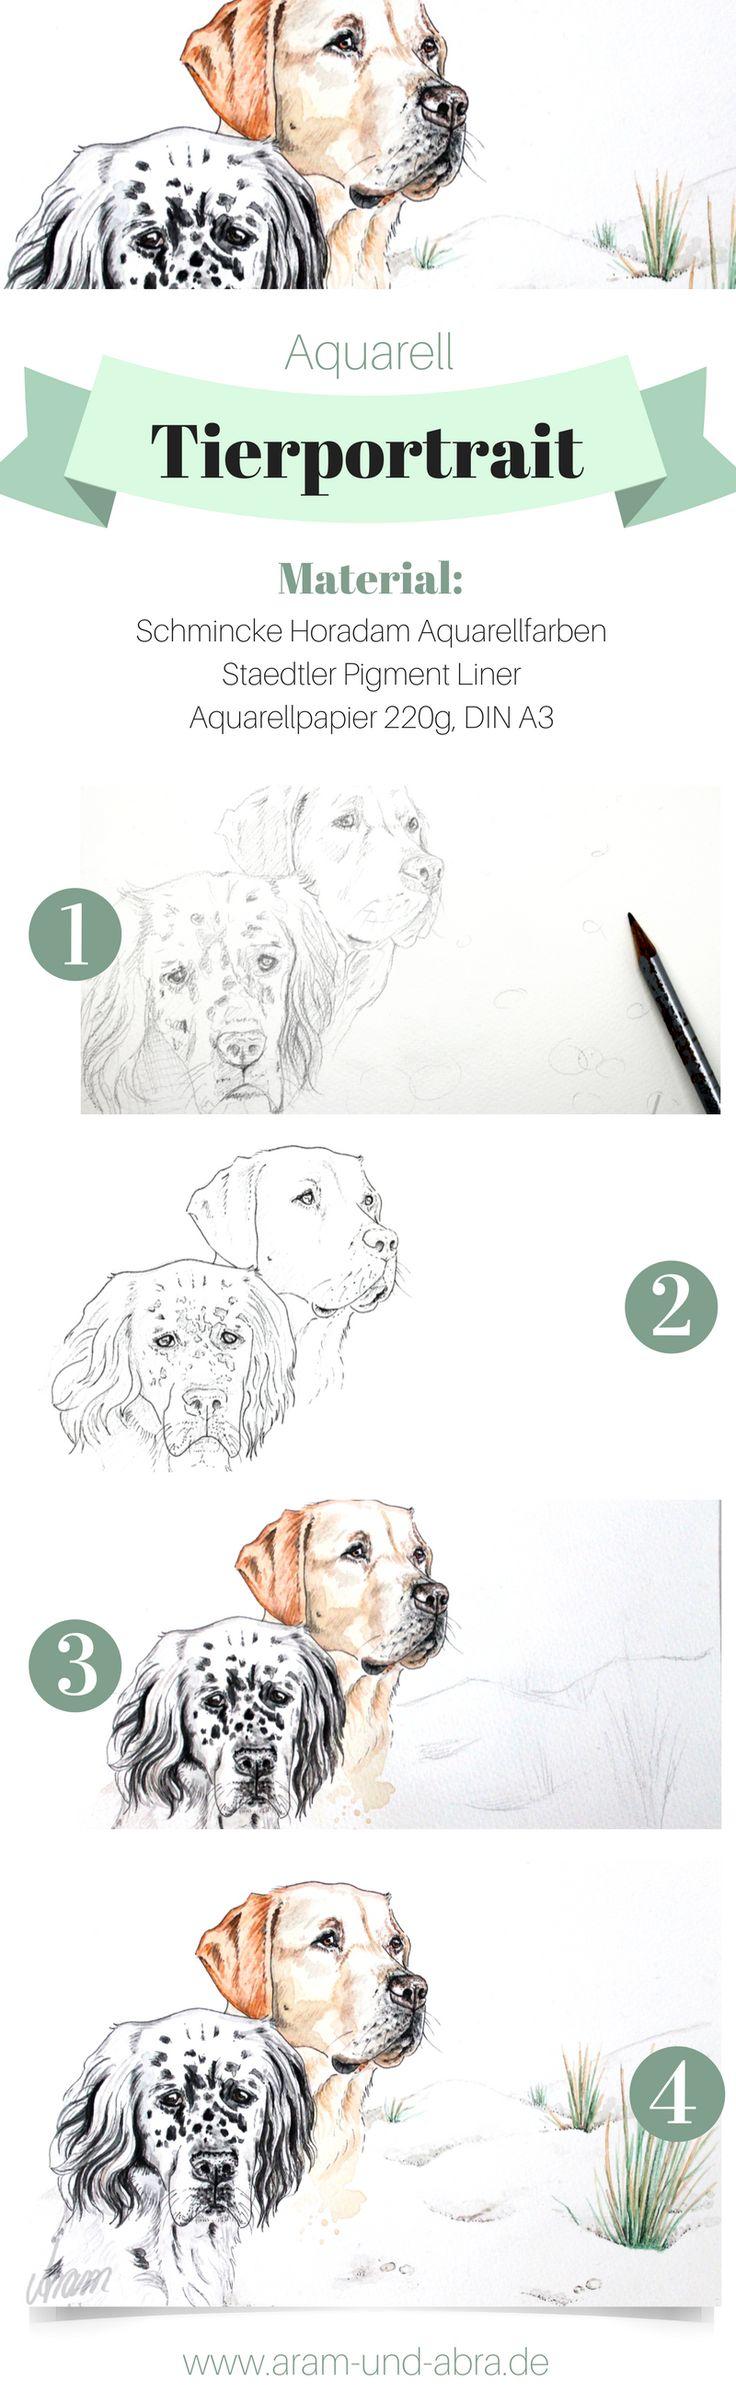 Schritt für Schritt: Hund malen in Aquarell | Portrait | Zeichnen | DIY | Tipps | Anleitung | kreativ | Kunst | Tierportrait | Hunde | Aram und Abra | www.aram-und-abra.de